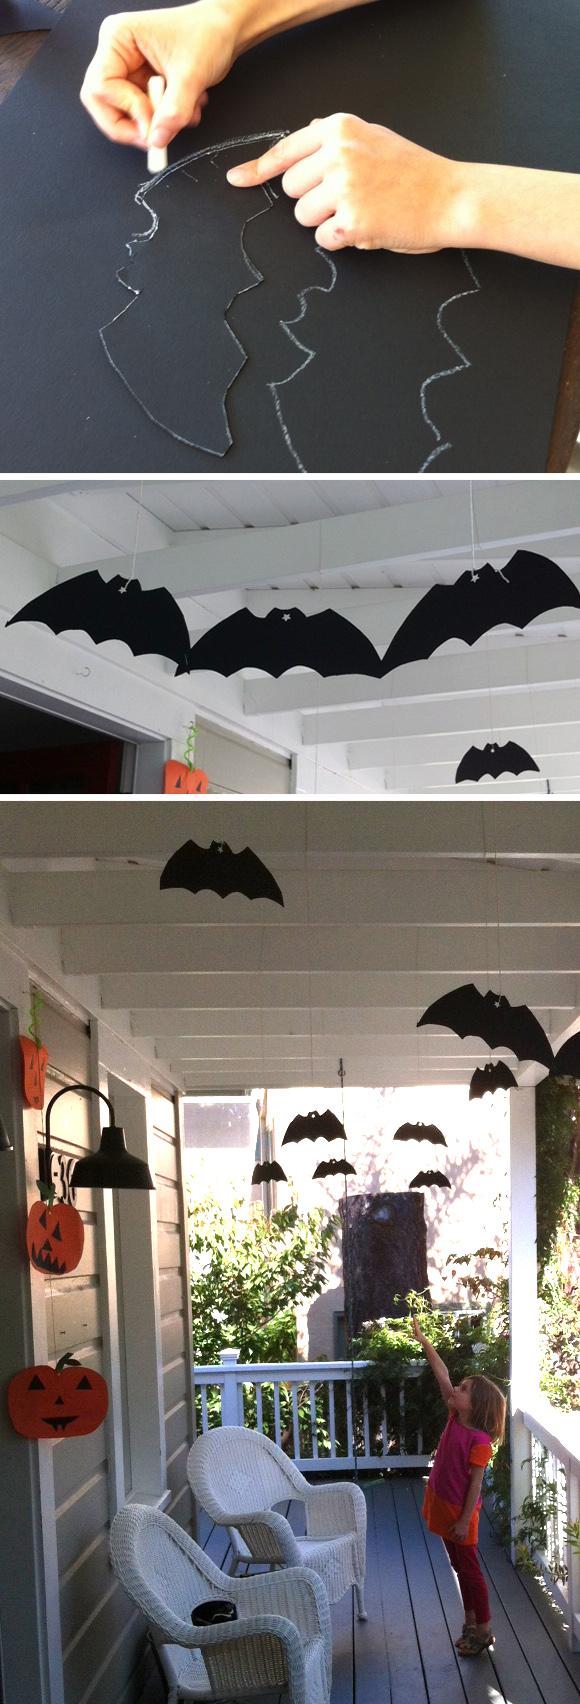 HalloweenCraft